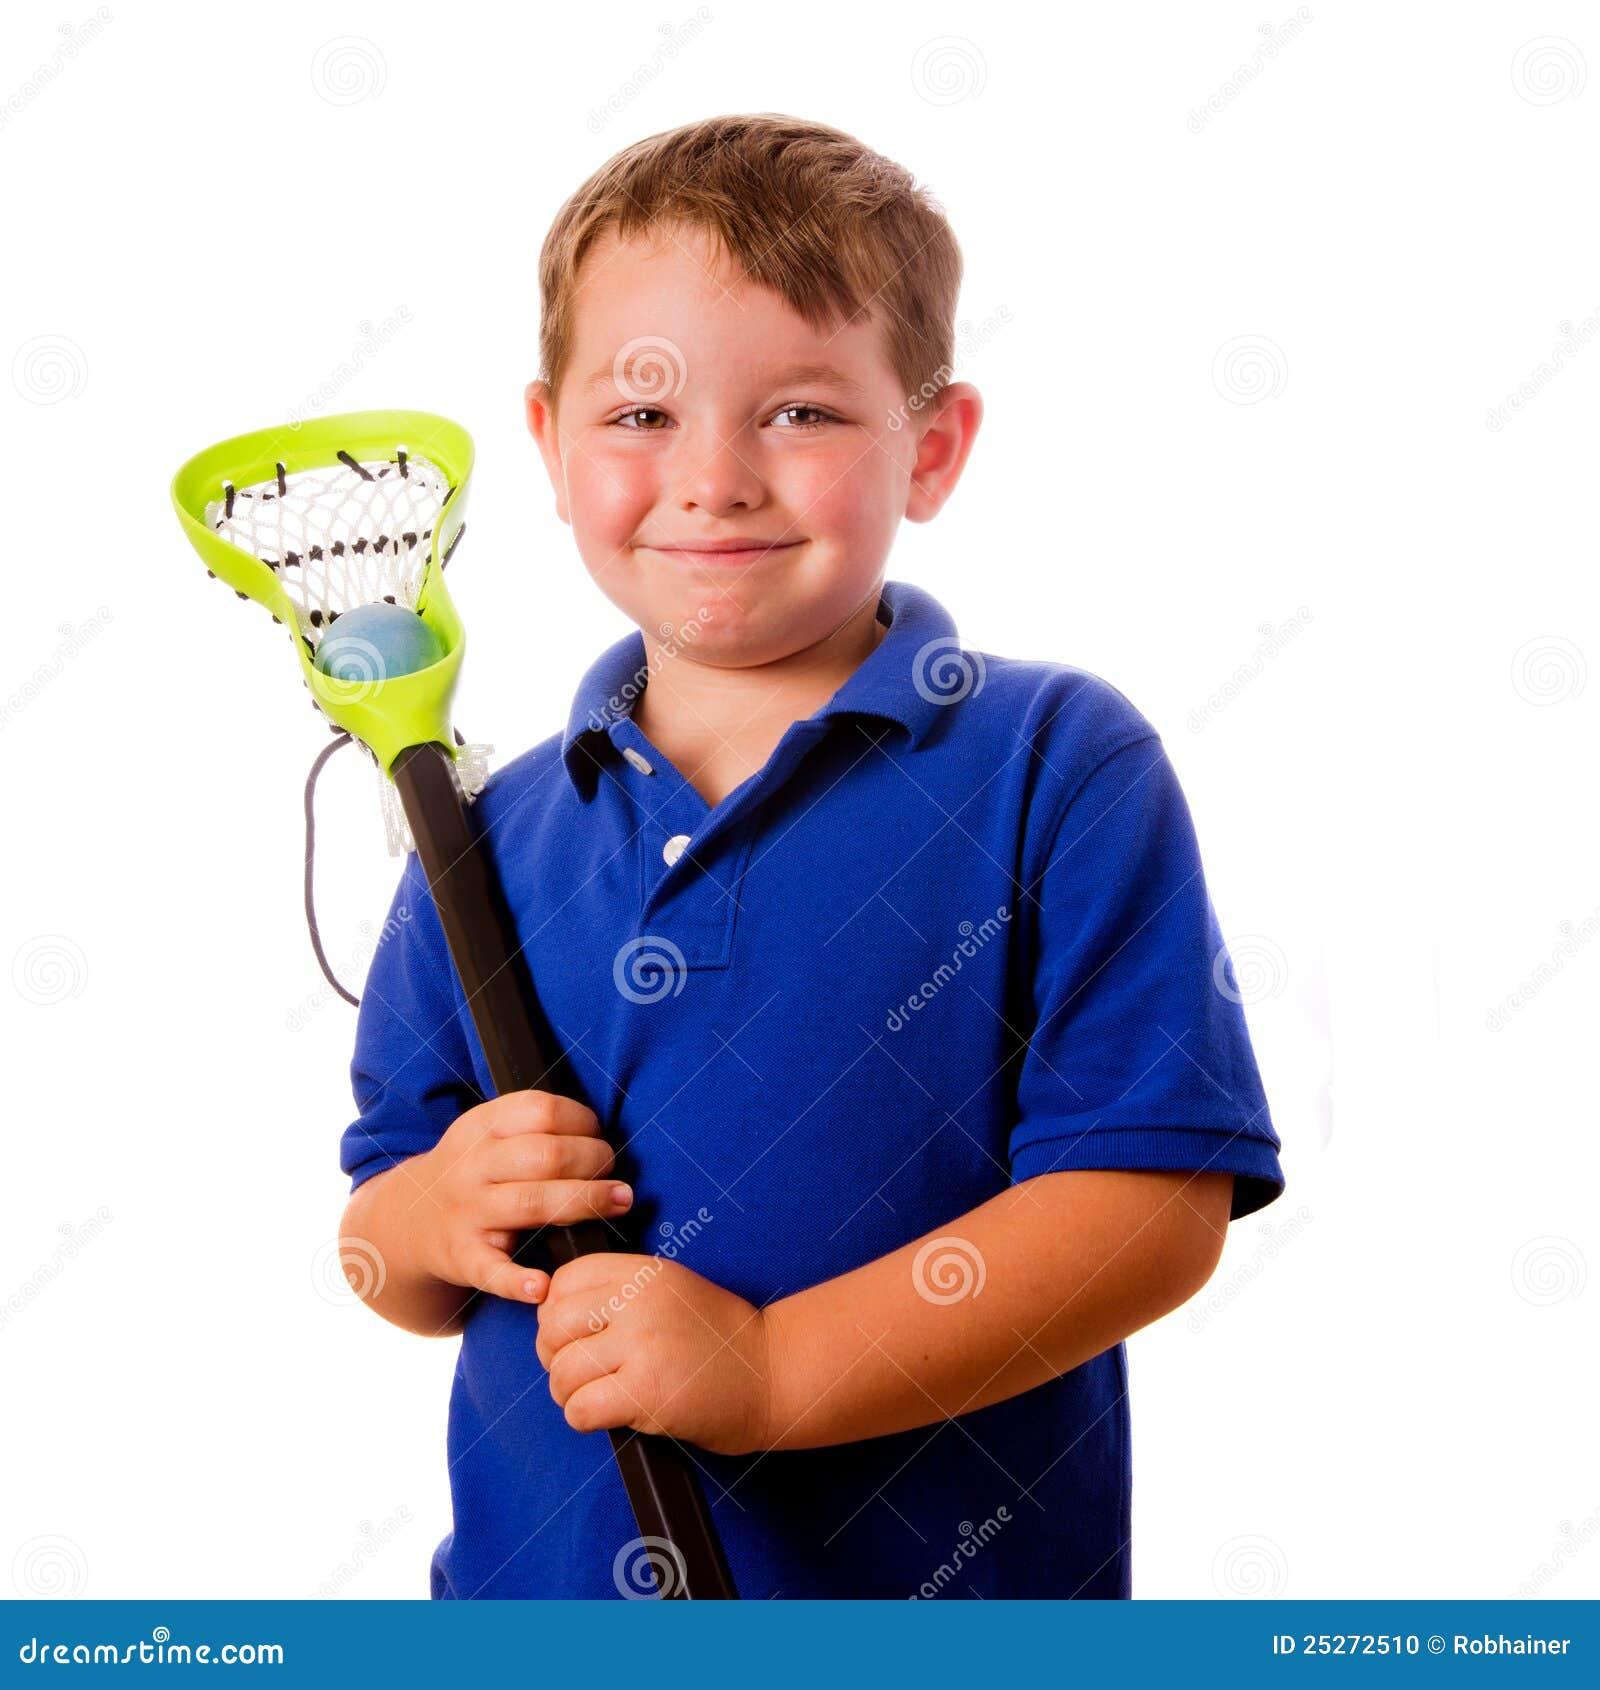 球子项他的曲棍网兜球球员棍子